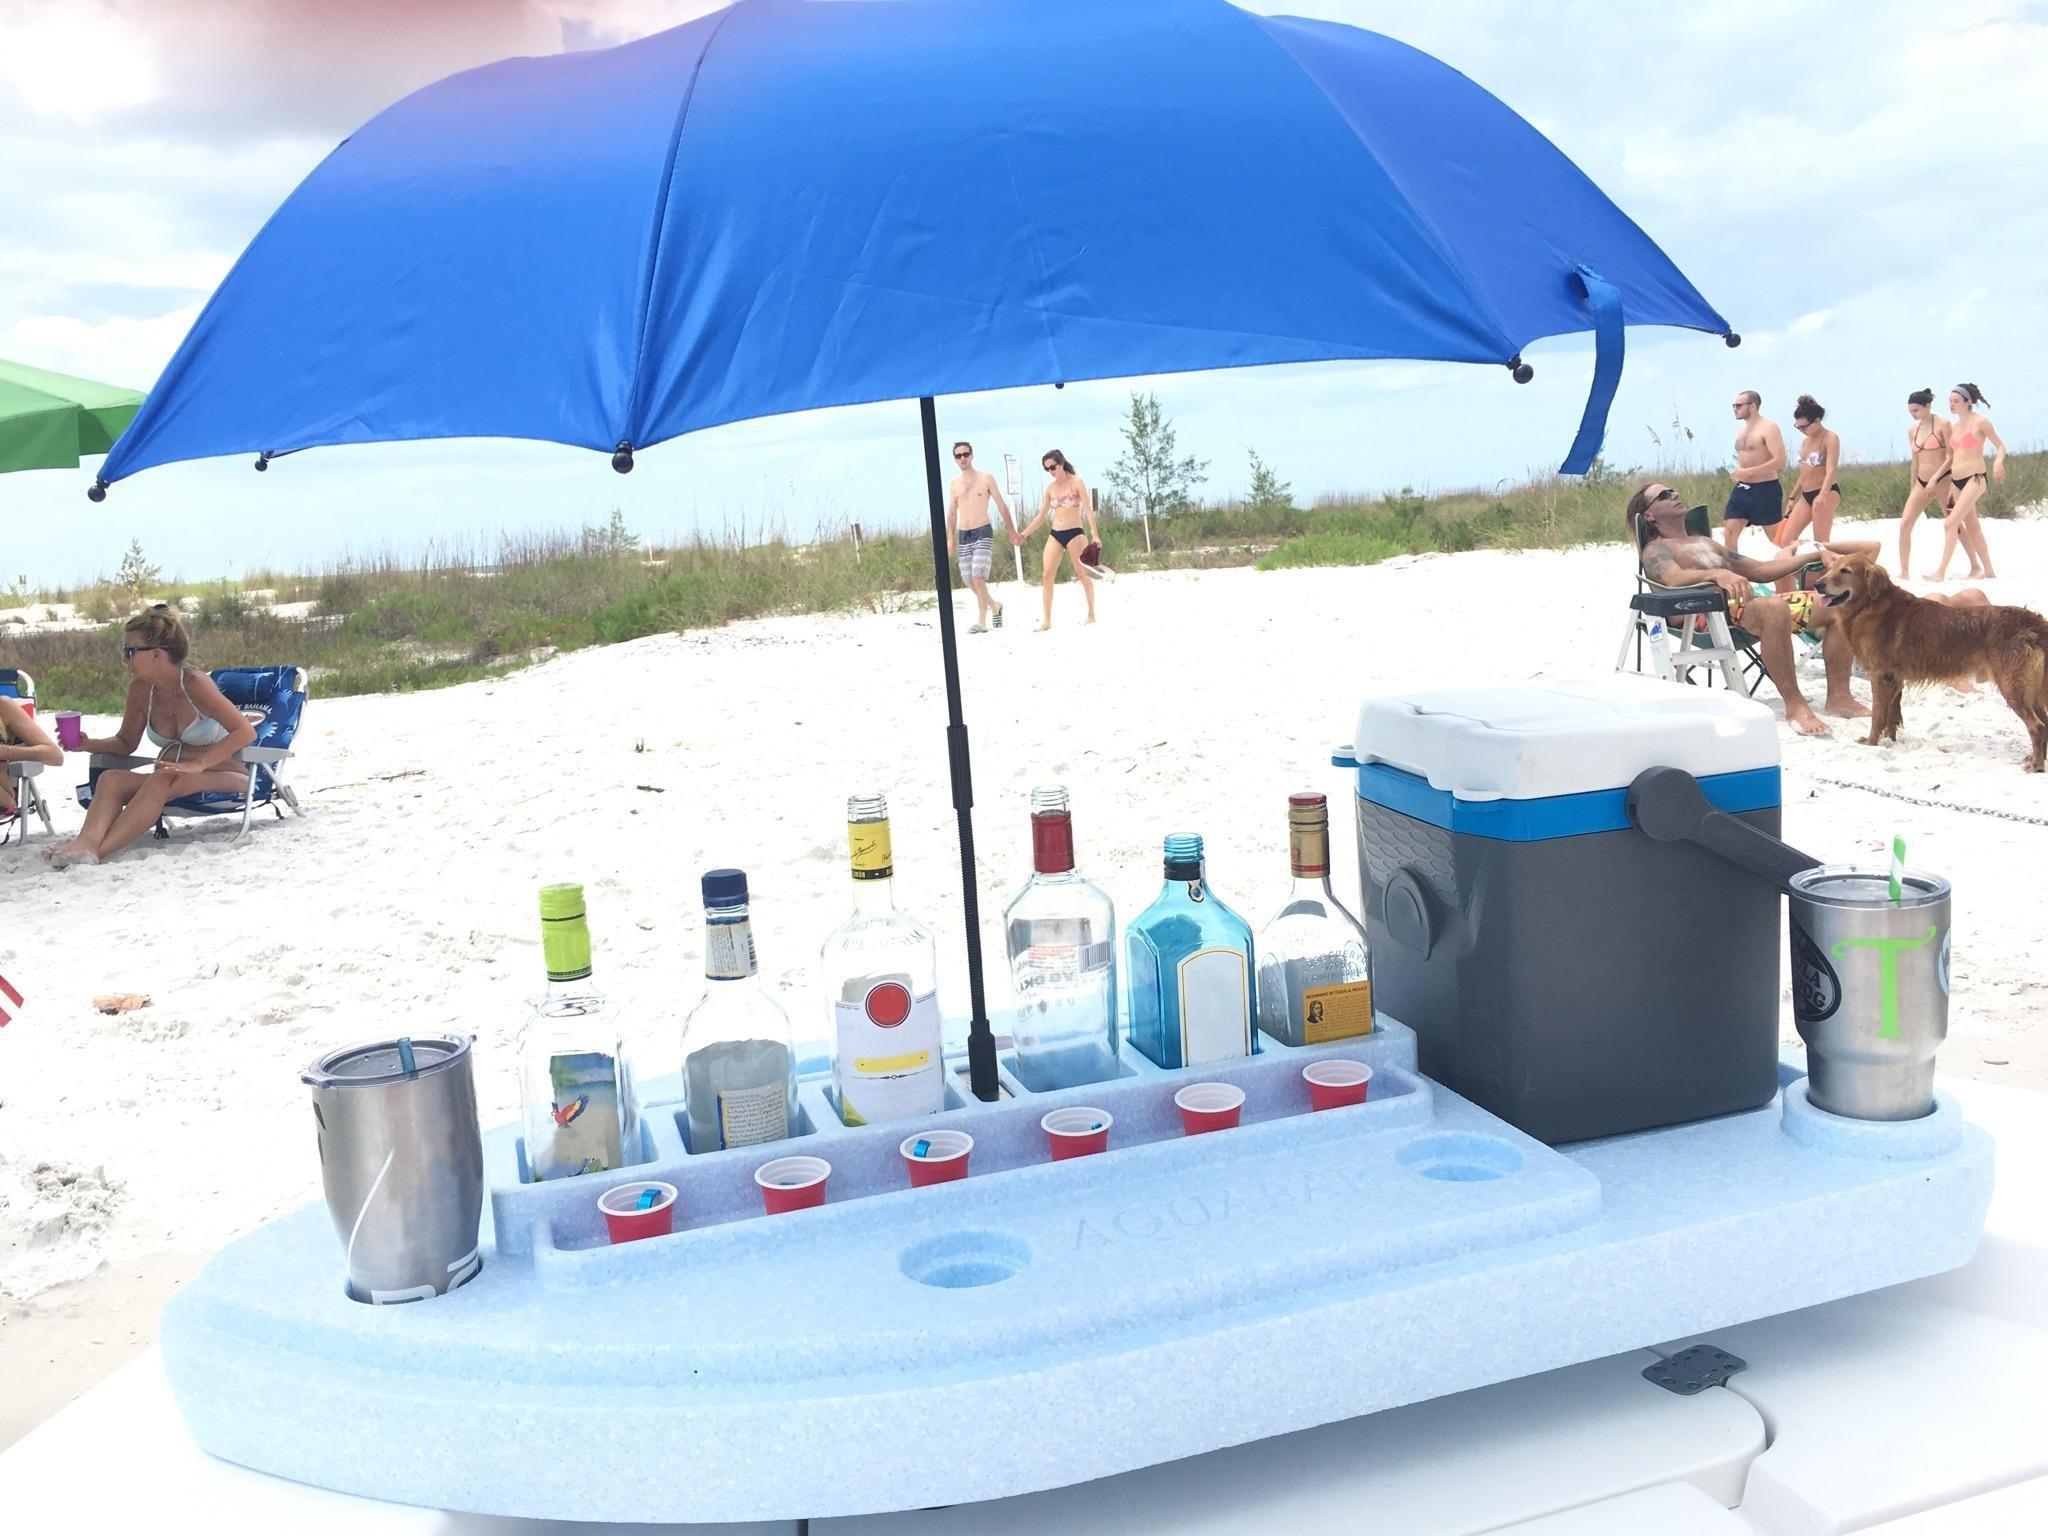 beach-pic-edited.jpg